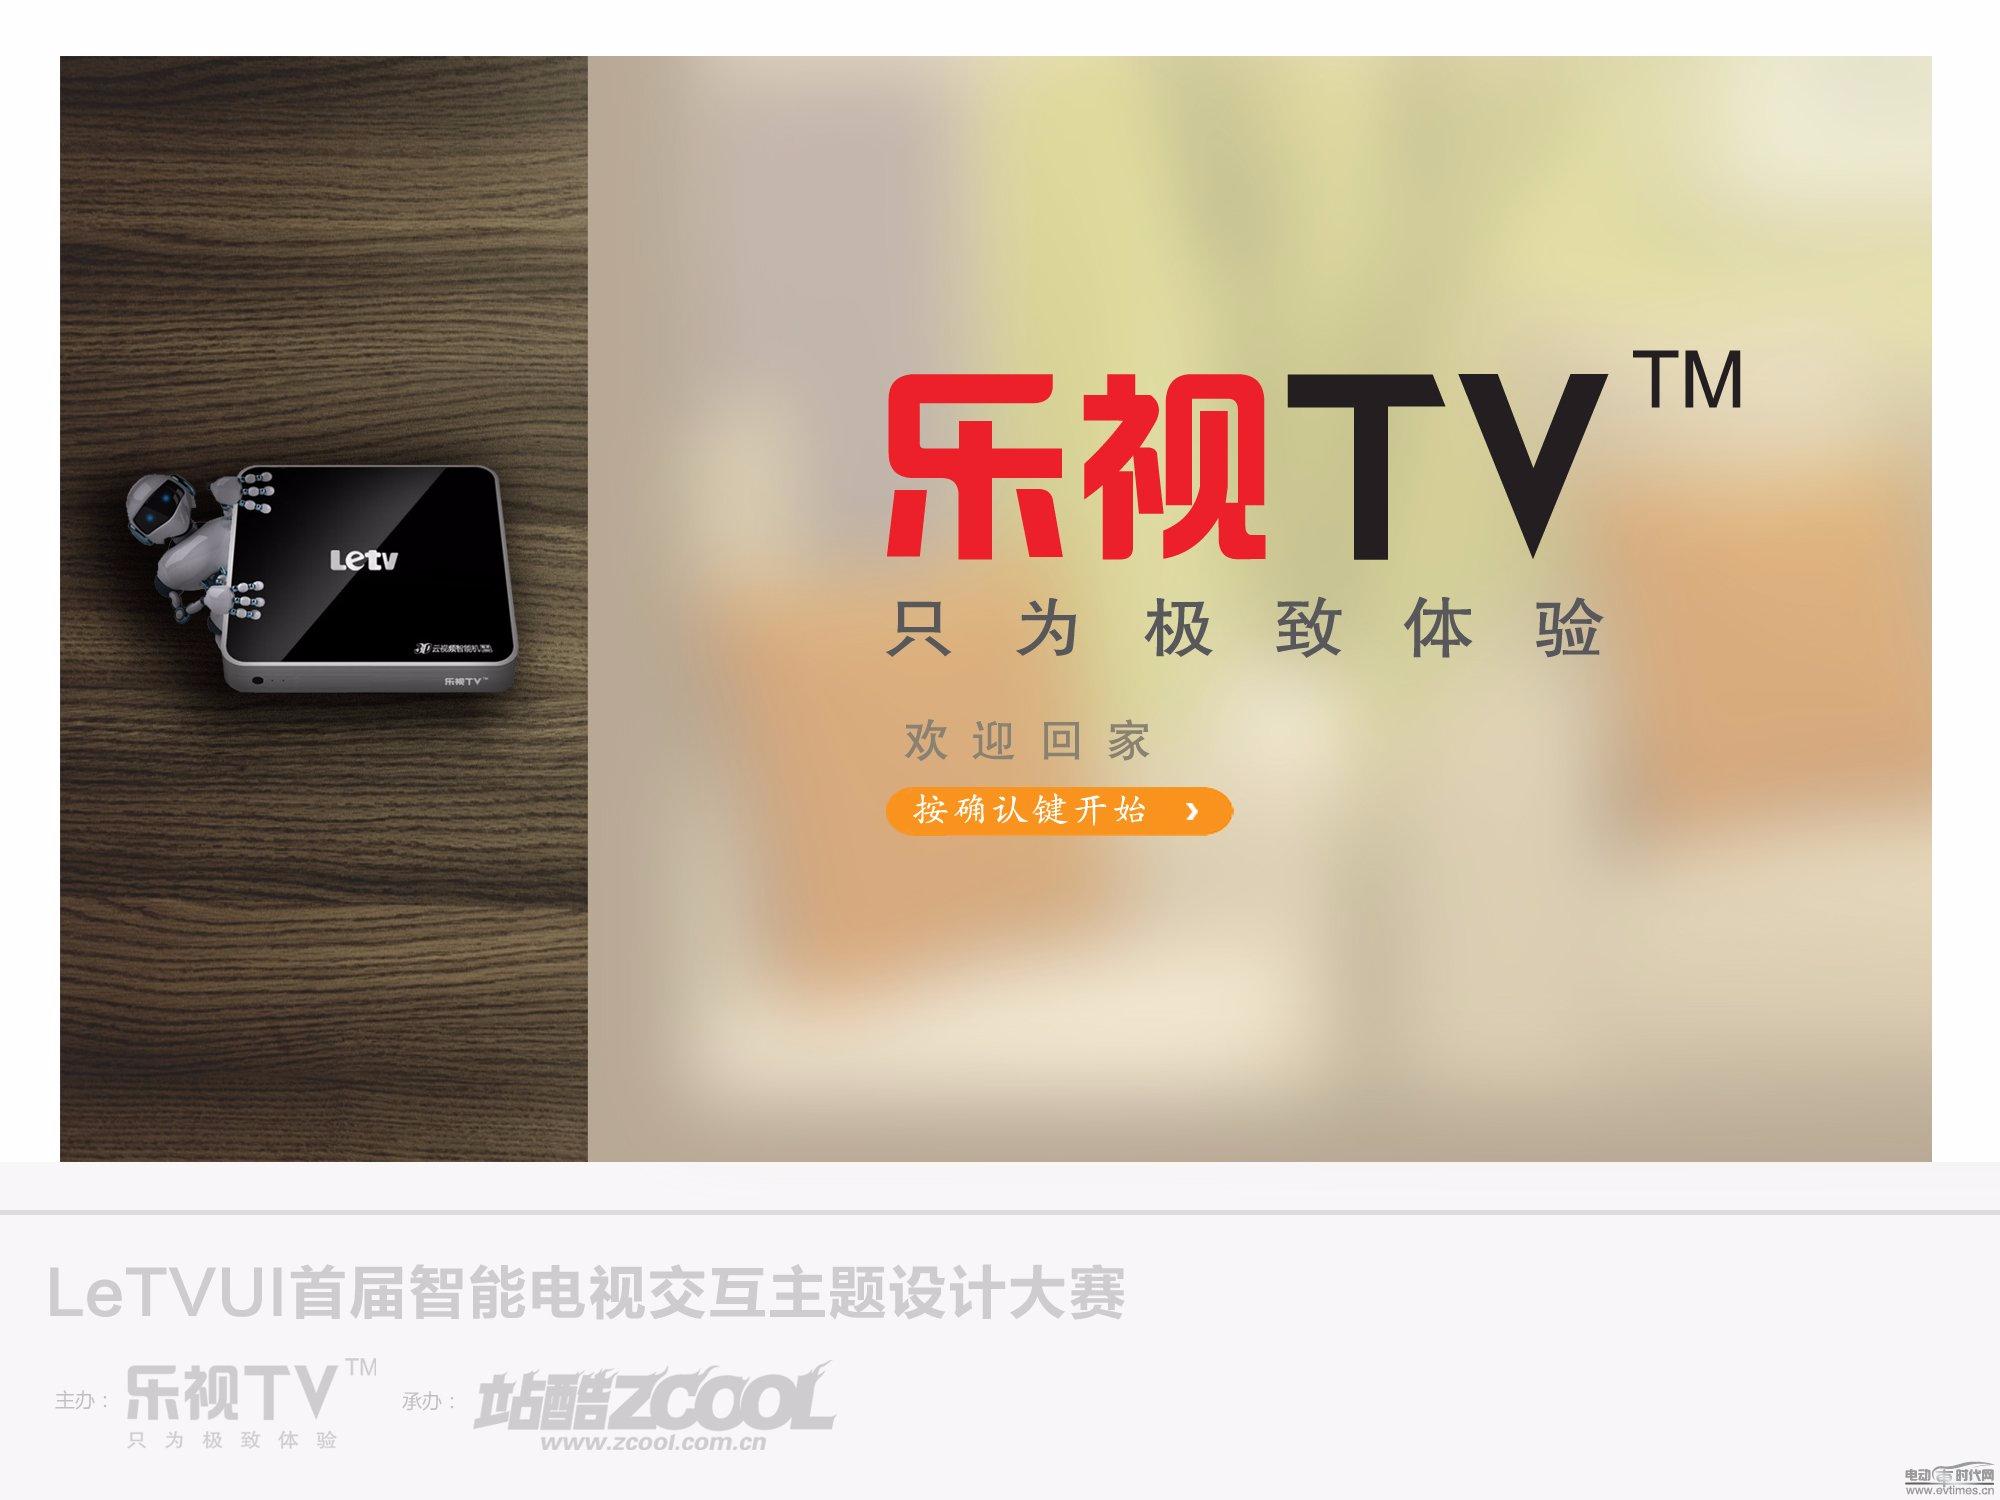 闫肖锋:没有核心技术的手机企业走不远